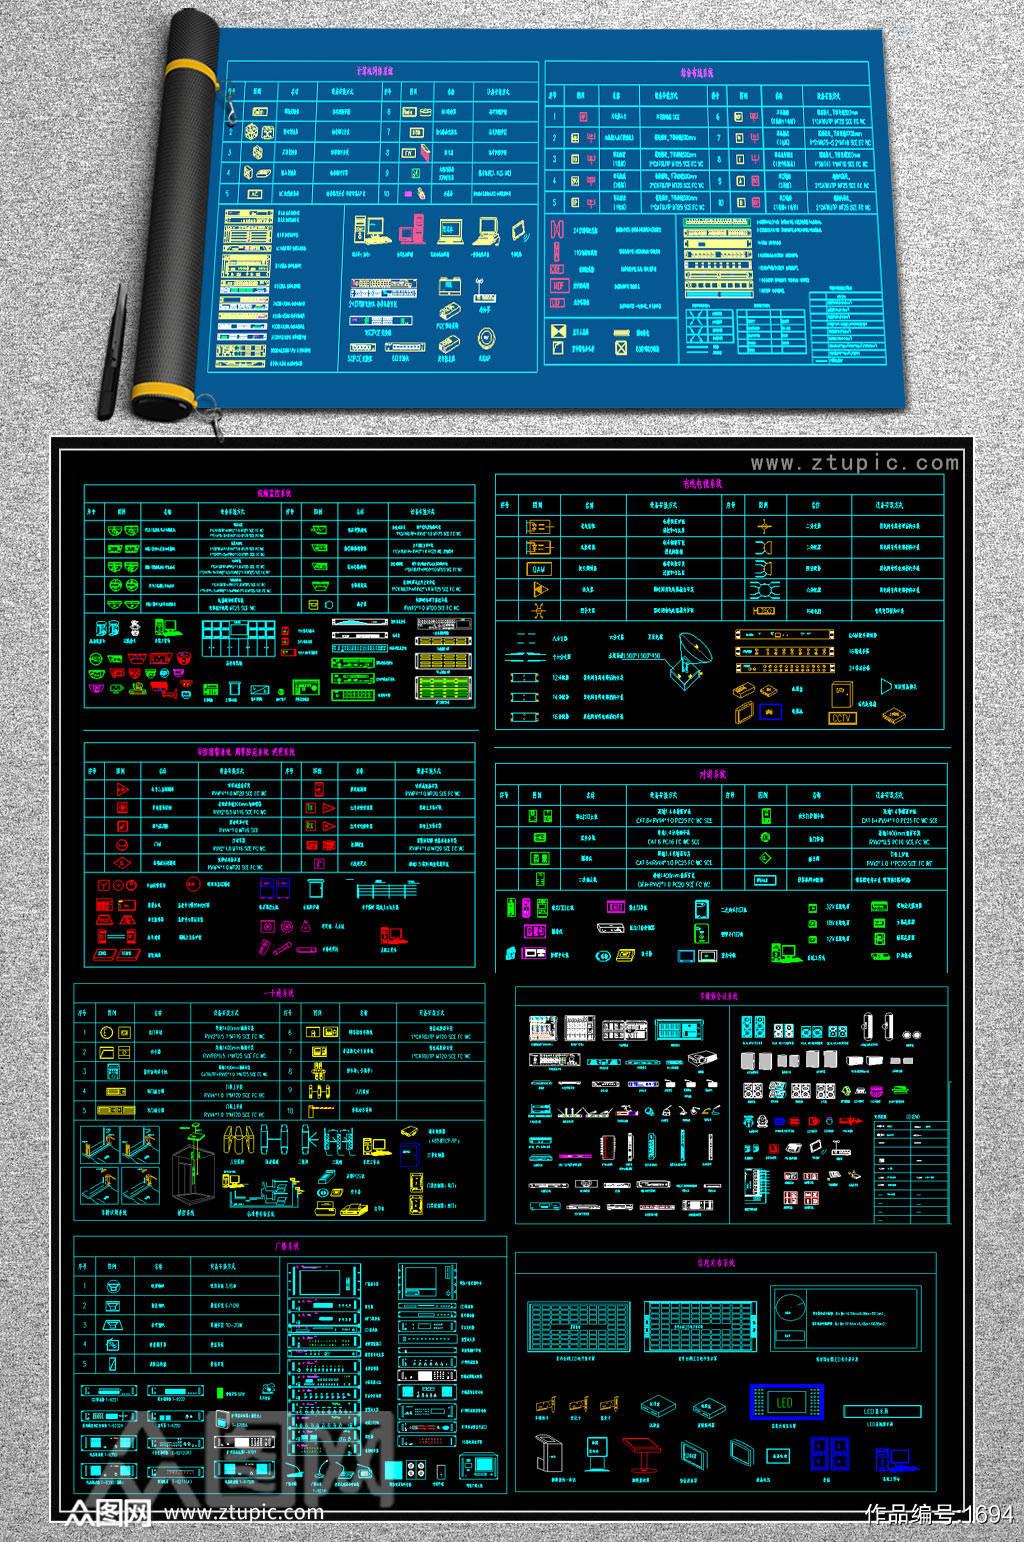 弱电自动智能化系统图块cad素材